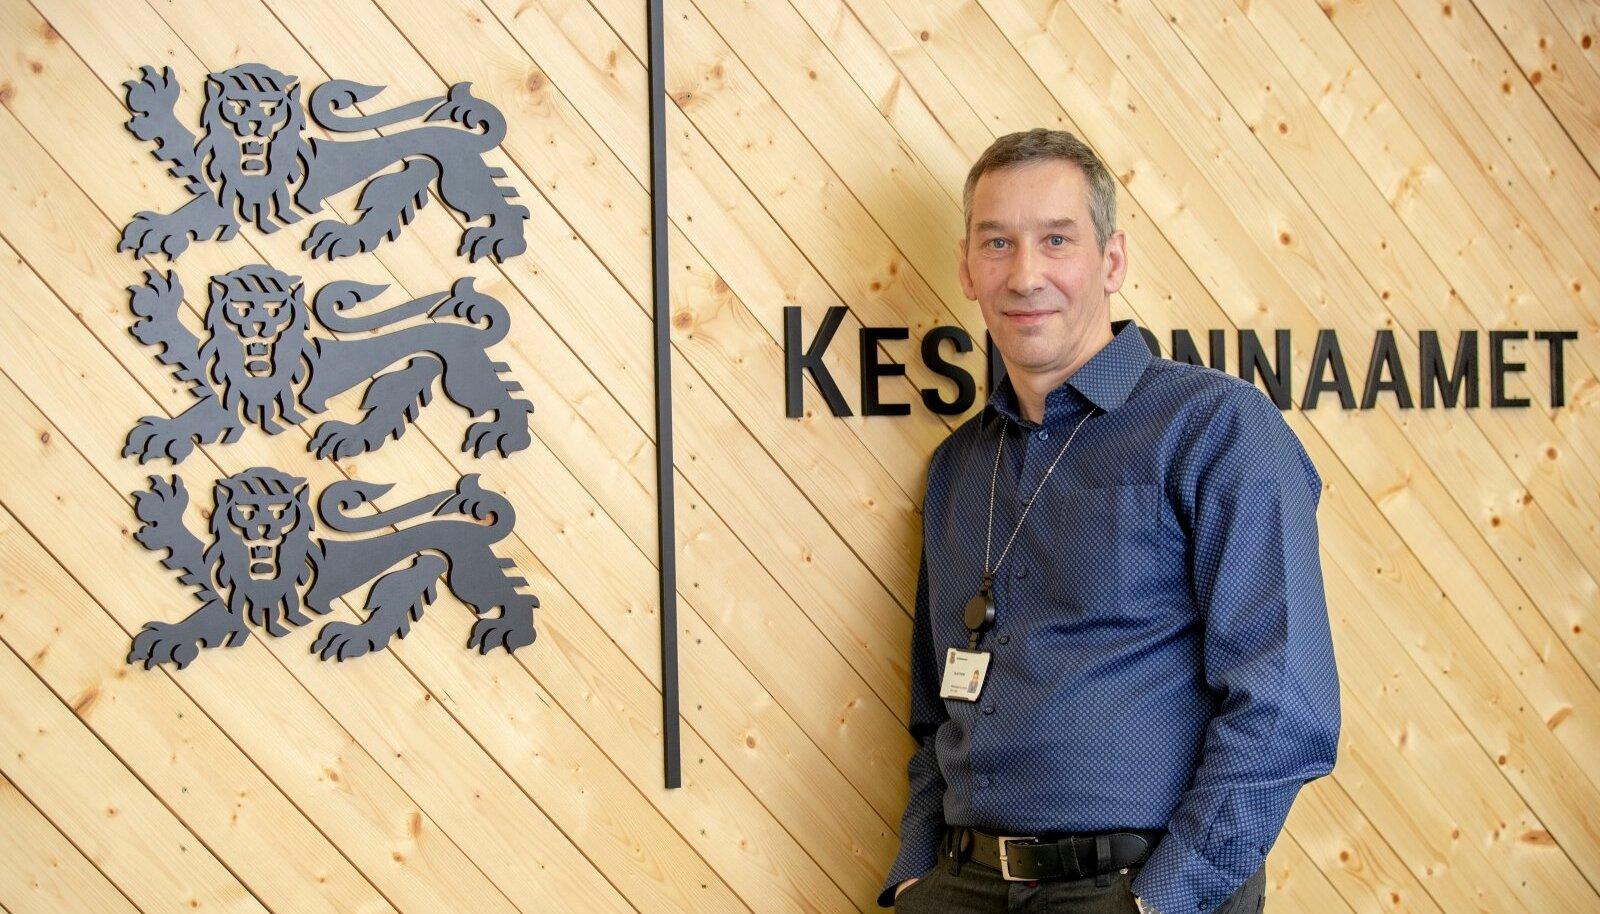 Keskkonnaameti metsaosakonna juhataja Olav Etverki sõnul on nad praegu sattunud raieteatiste vaidlustamise turmtule alla.